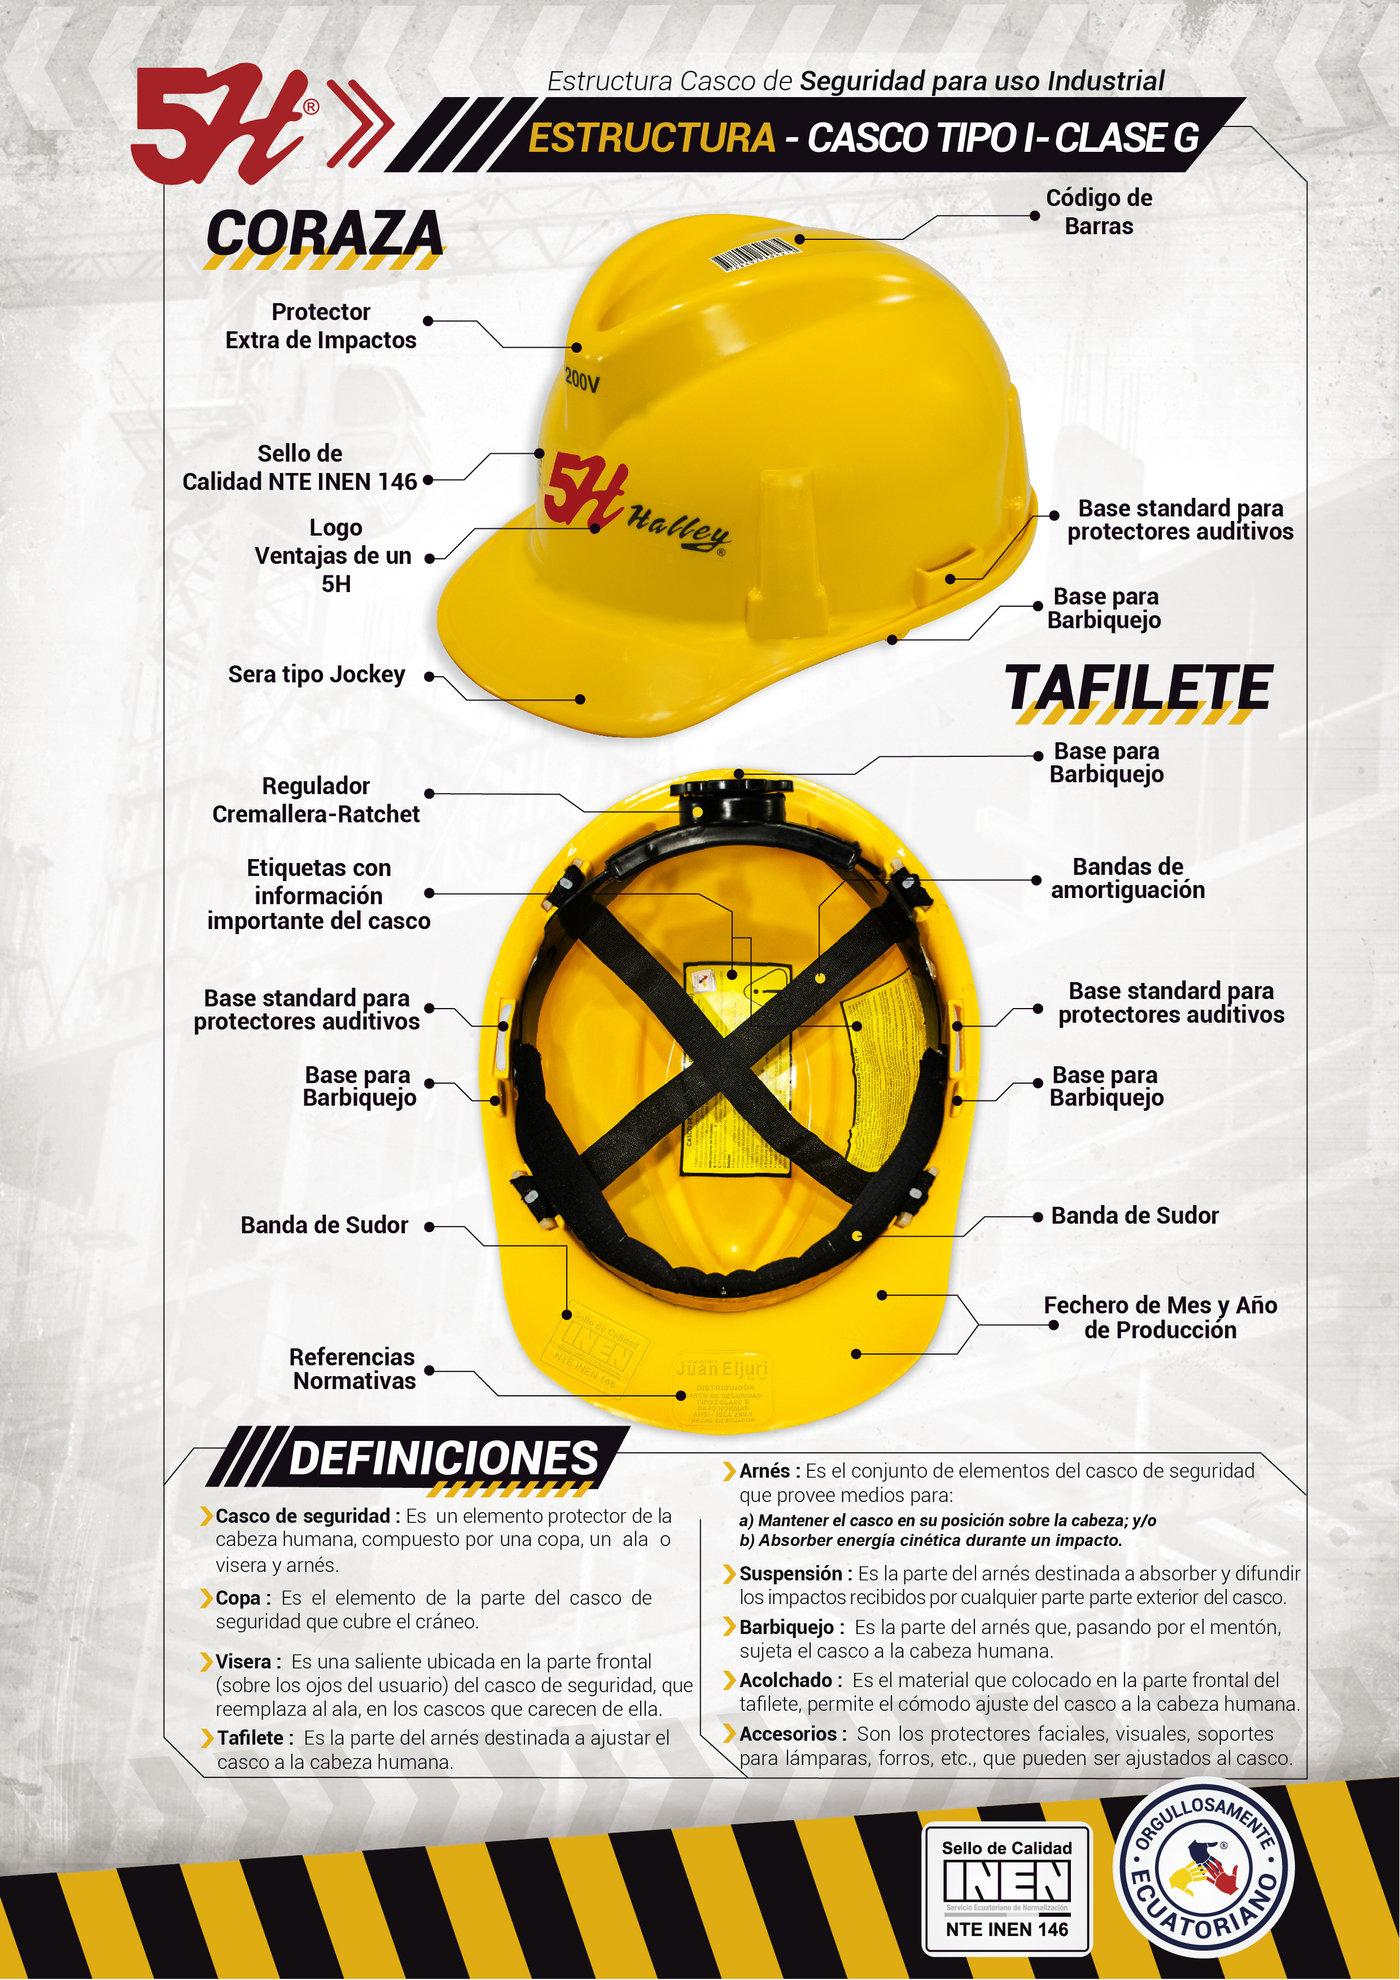 Ficha t cnica cascos de seguridad industrial by bryan - Cascos de seguridad ...